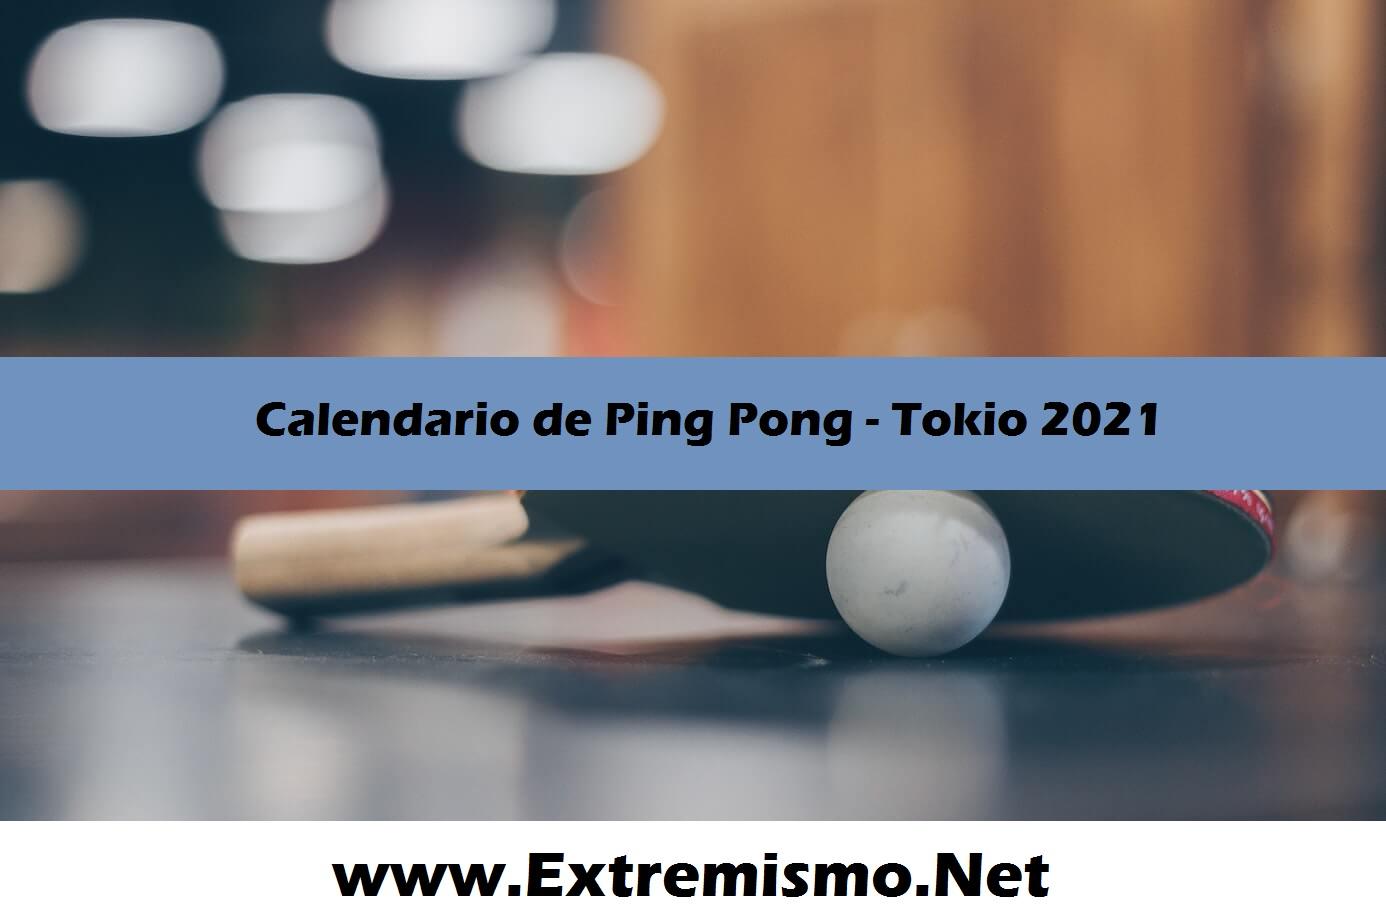 Calendario Ping Pong Juegos Olímpicos Tokio 2021